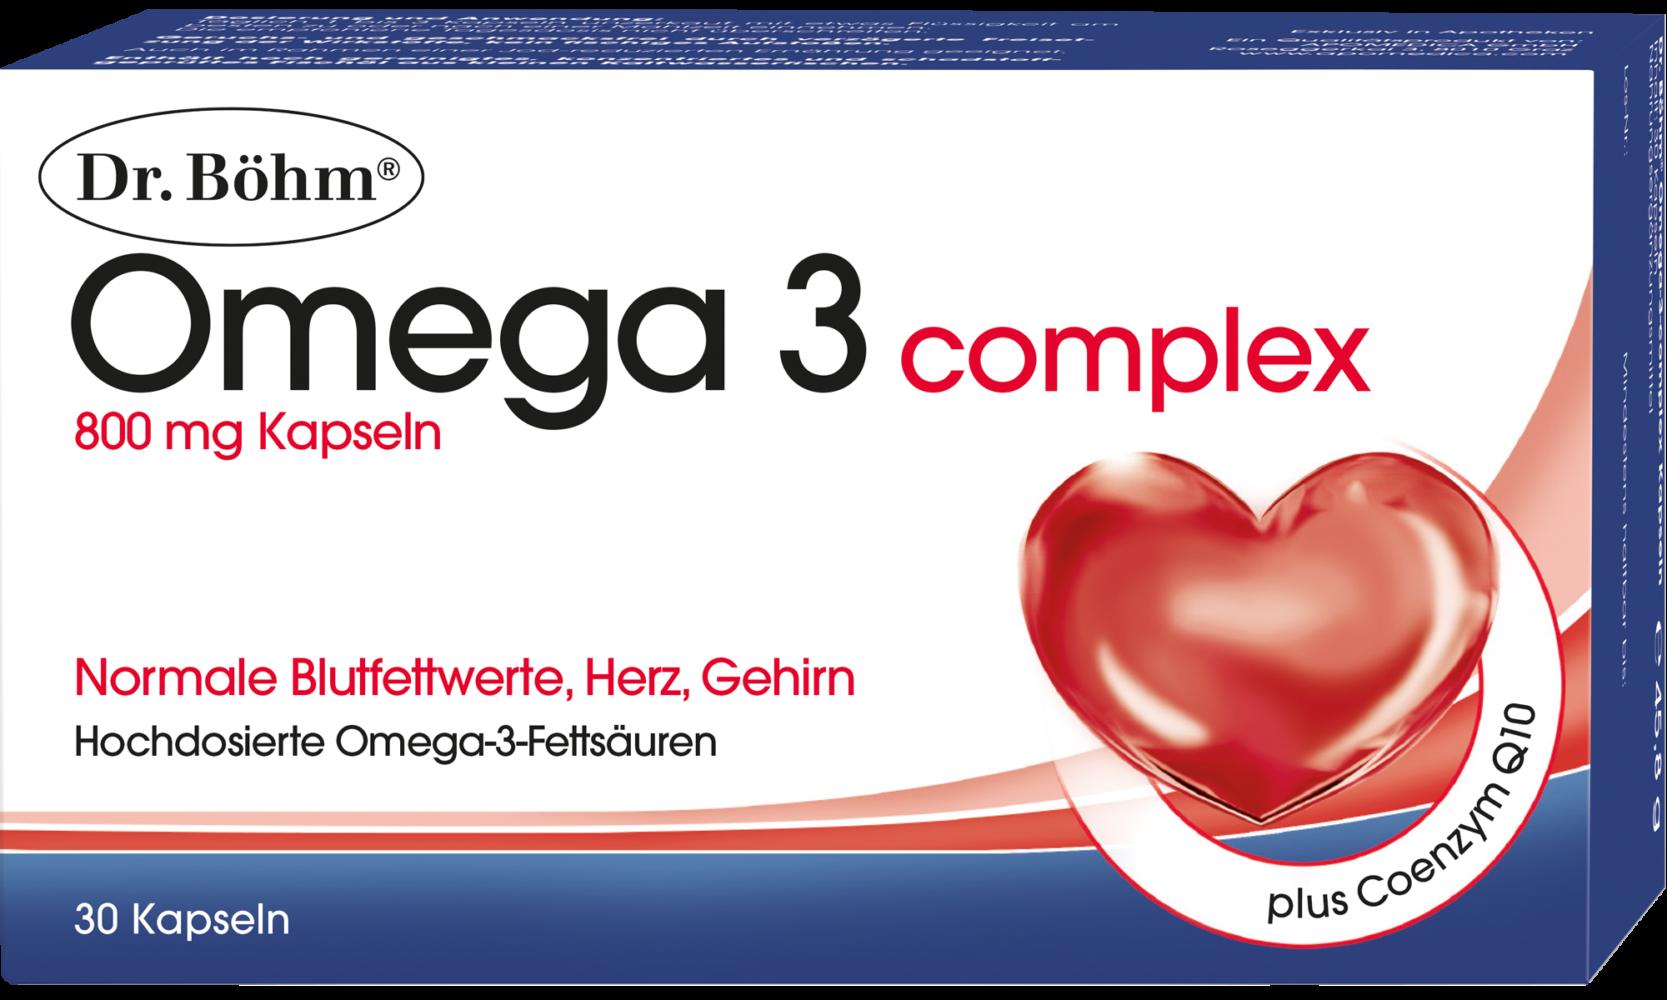 dr b hm omega 3 complex omega 3 fetts uren f r blutfettwerte herz gehirn dr b hm. Black Bedroom Furniture Sets. Home Design Ideas